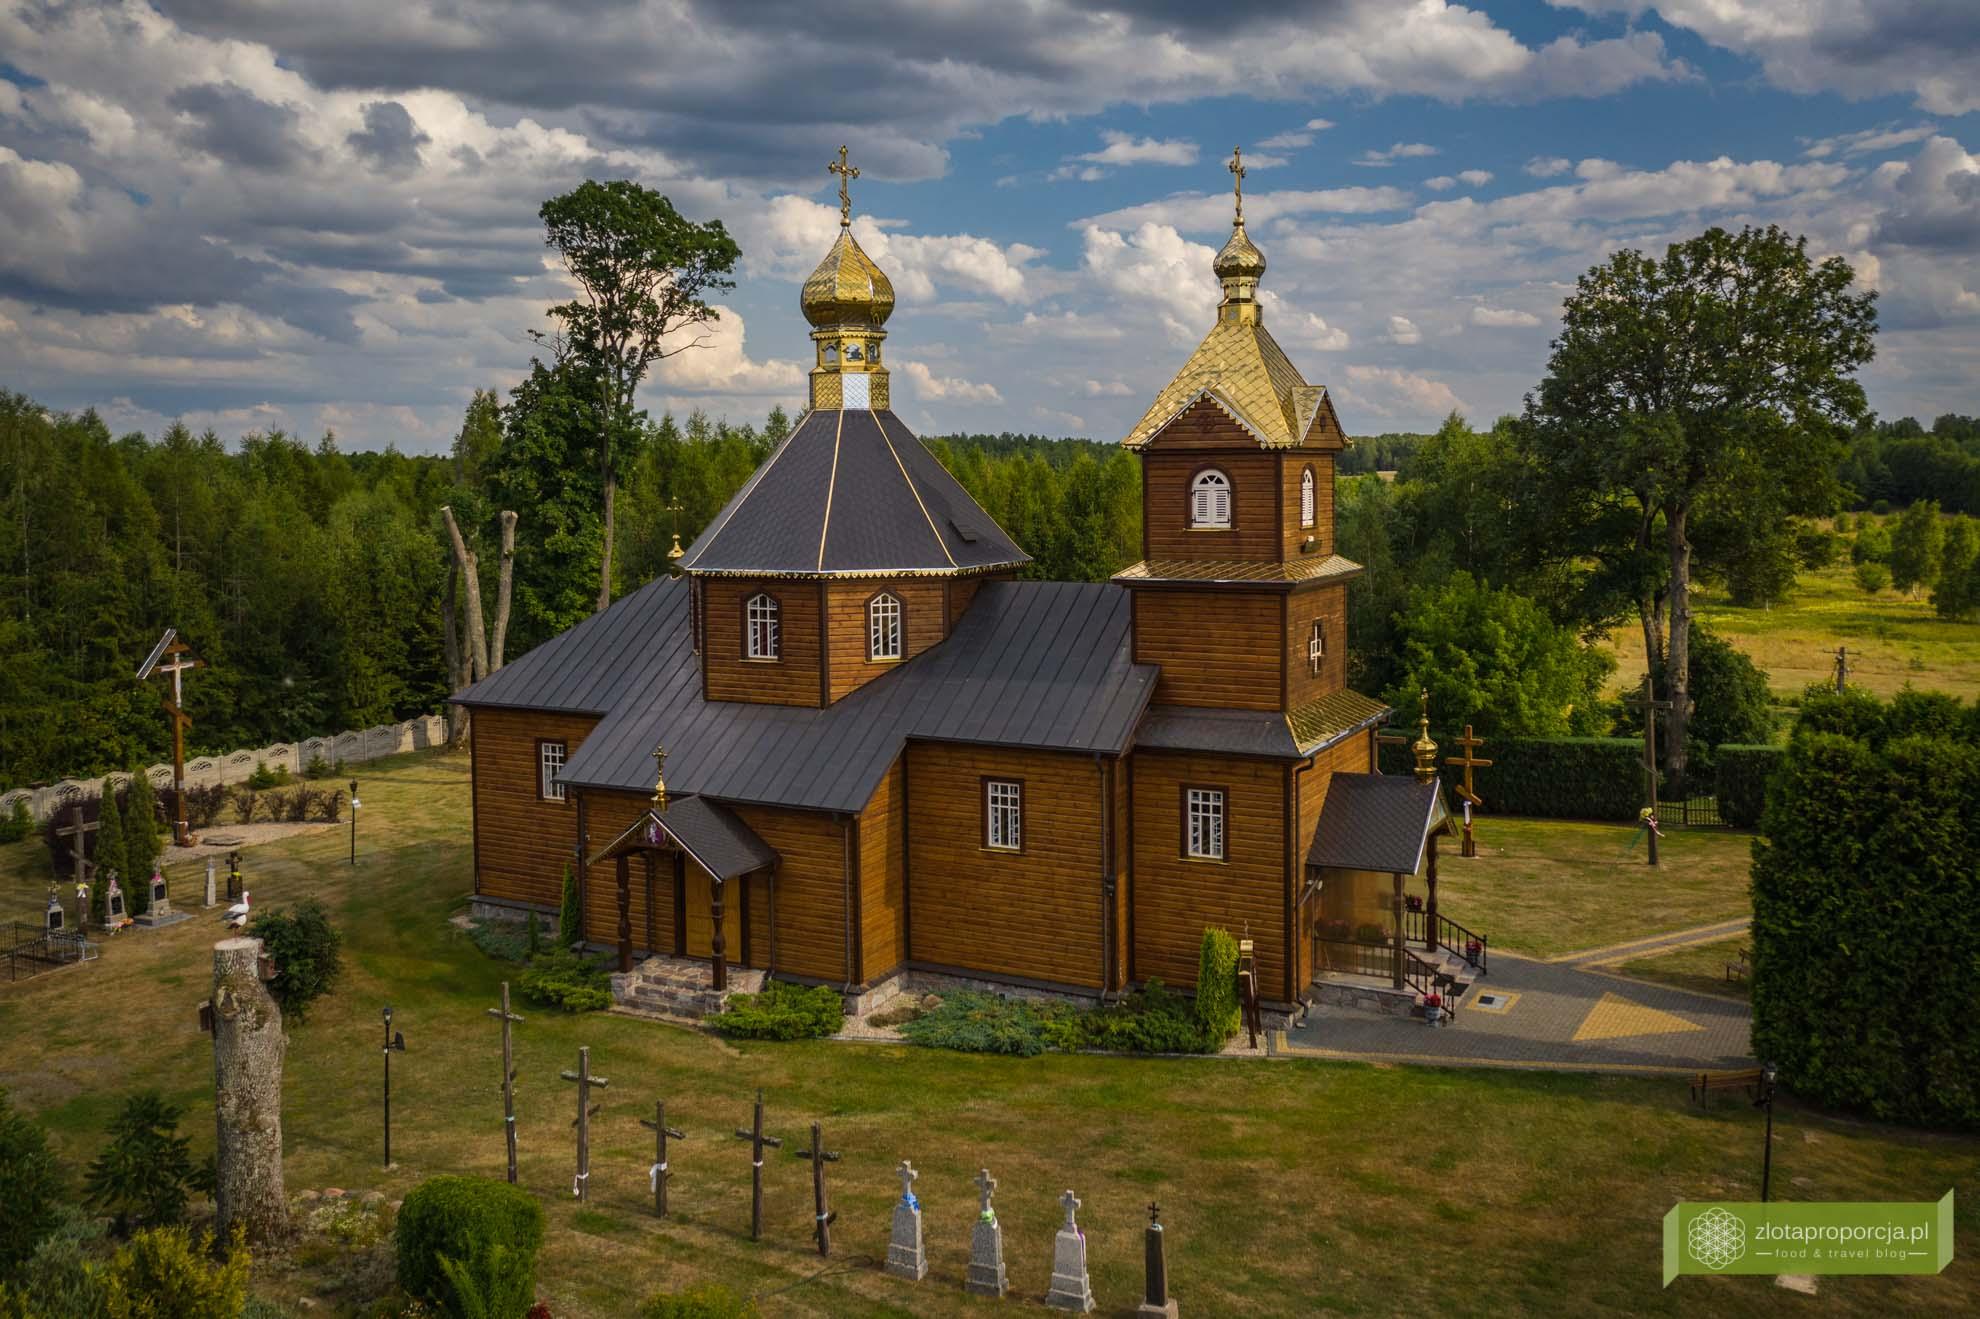 Podlasie Nadbużańskie; atrakcje Podlasia; Telatycze; cerkiew w Telatyczach; cerkwie na Podlasiu;